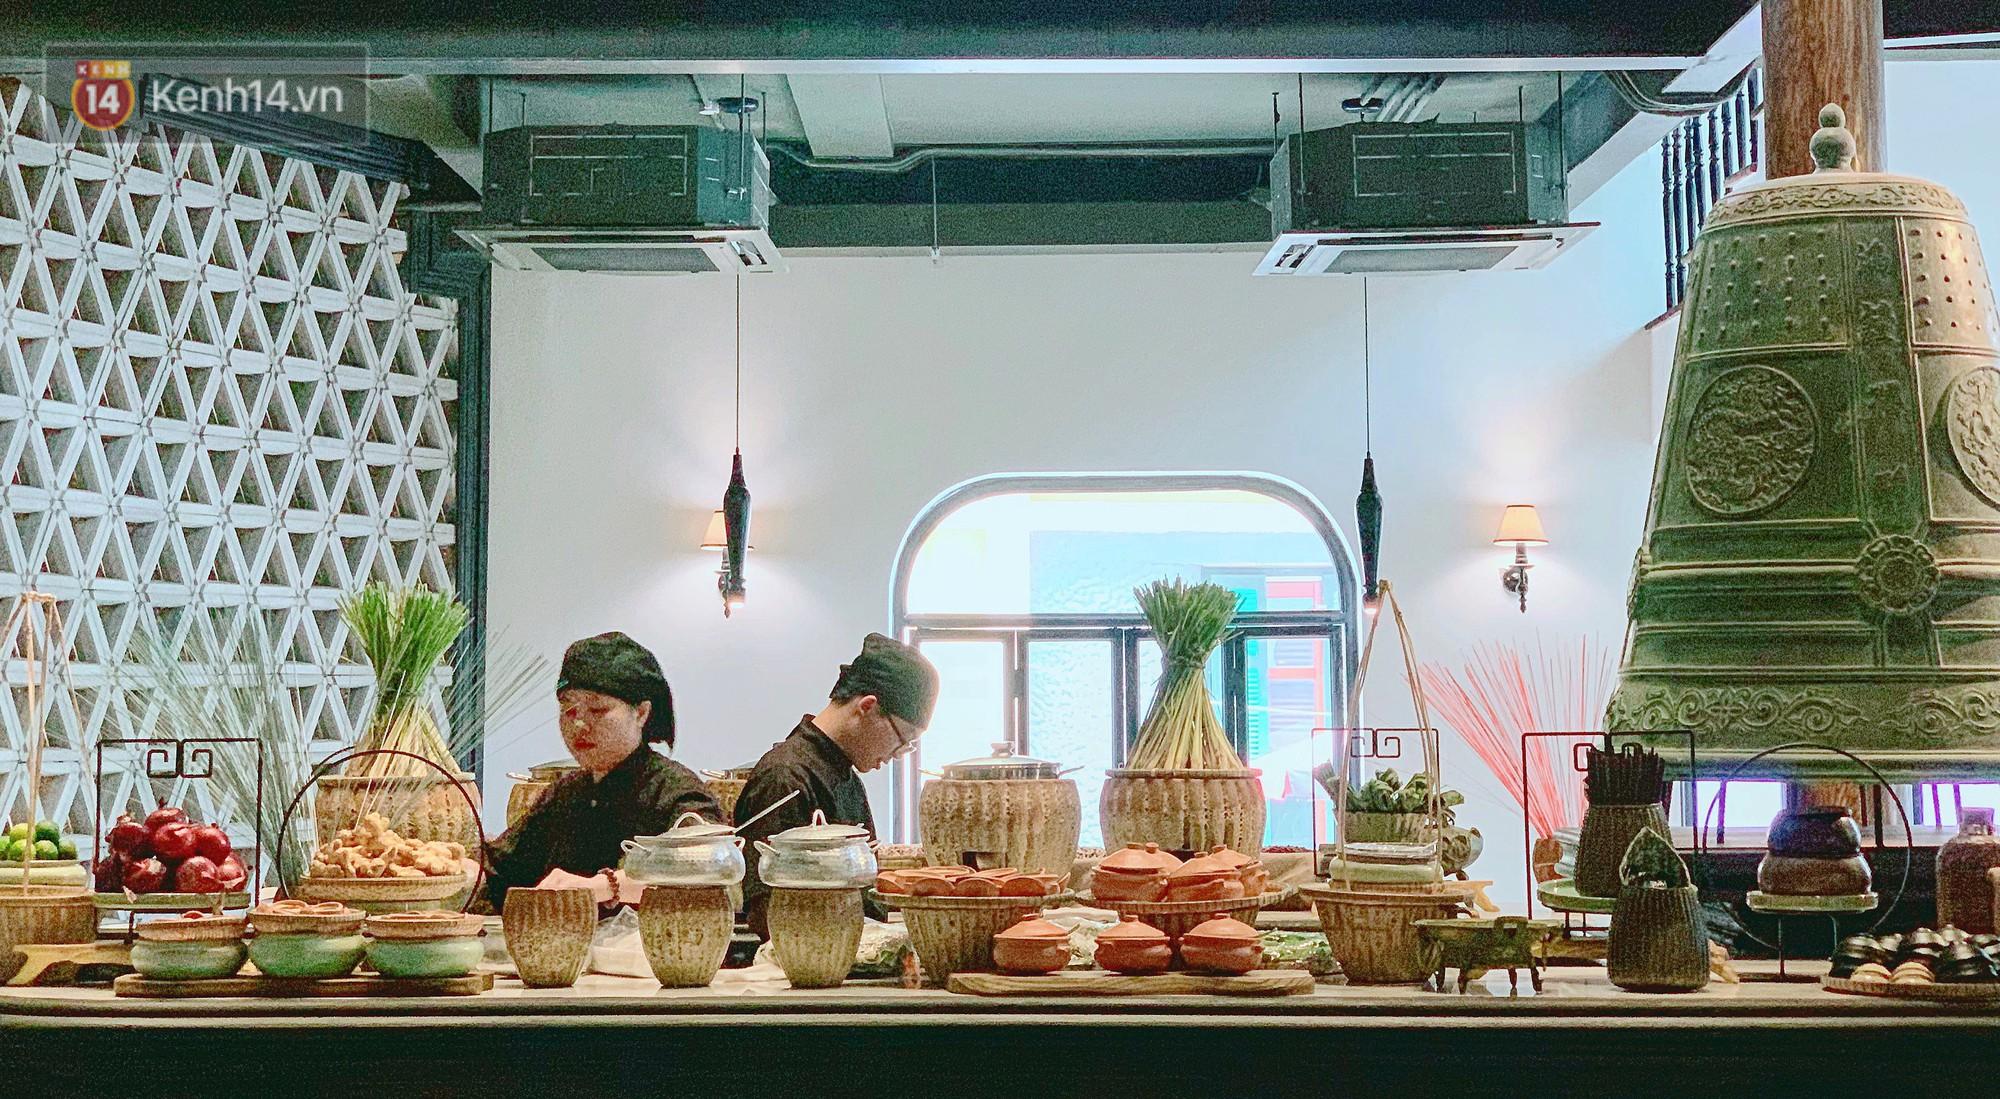 Cứ nghĩ chay là già nhưng giờ ở Hà Nội có rất nhiều quán chay mang phong cách trẻ mới lạ - Ảnh 4.